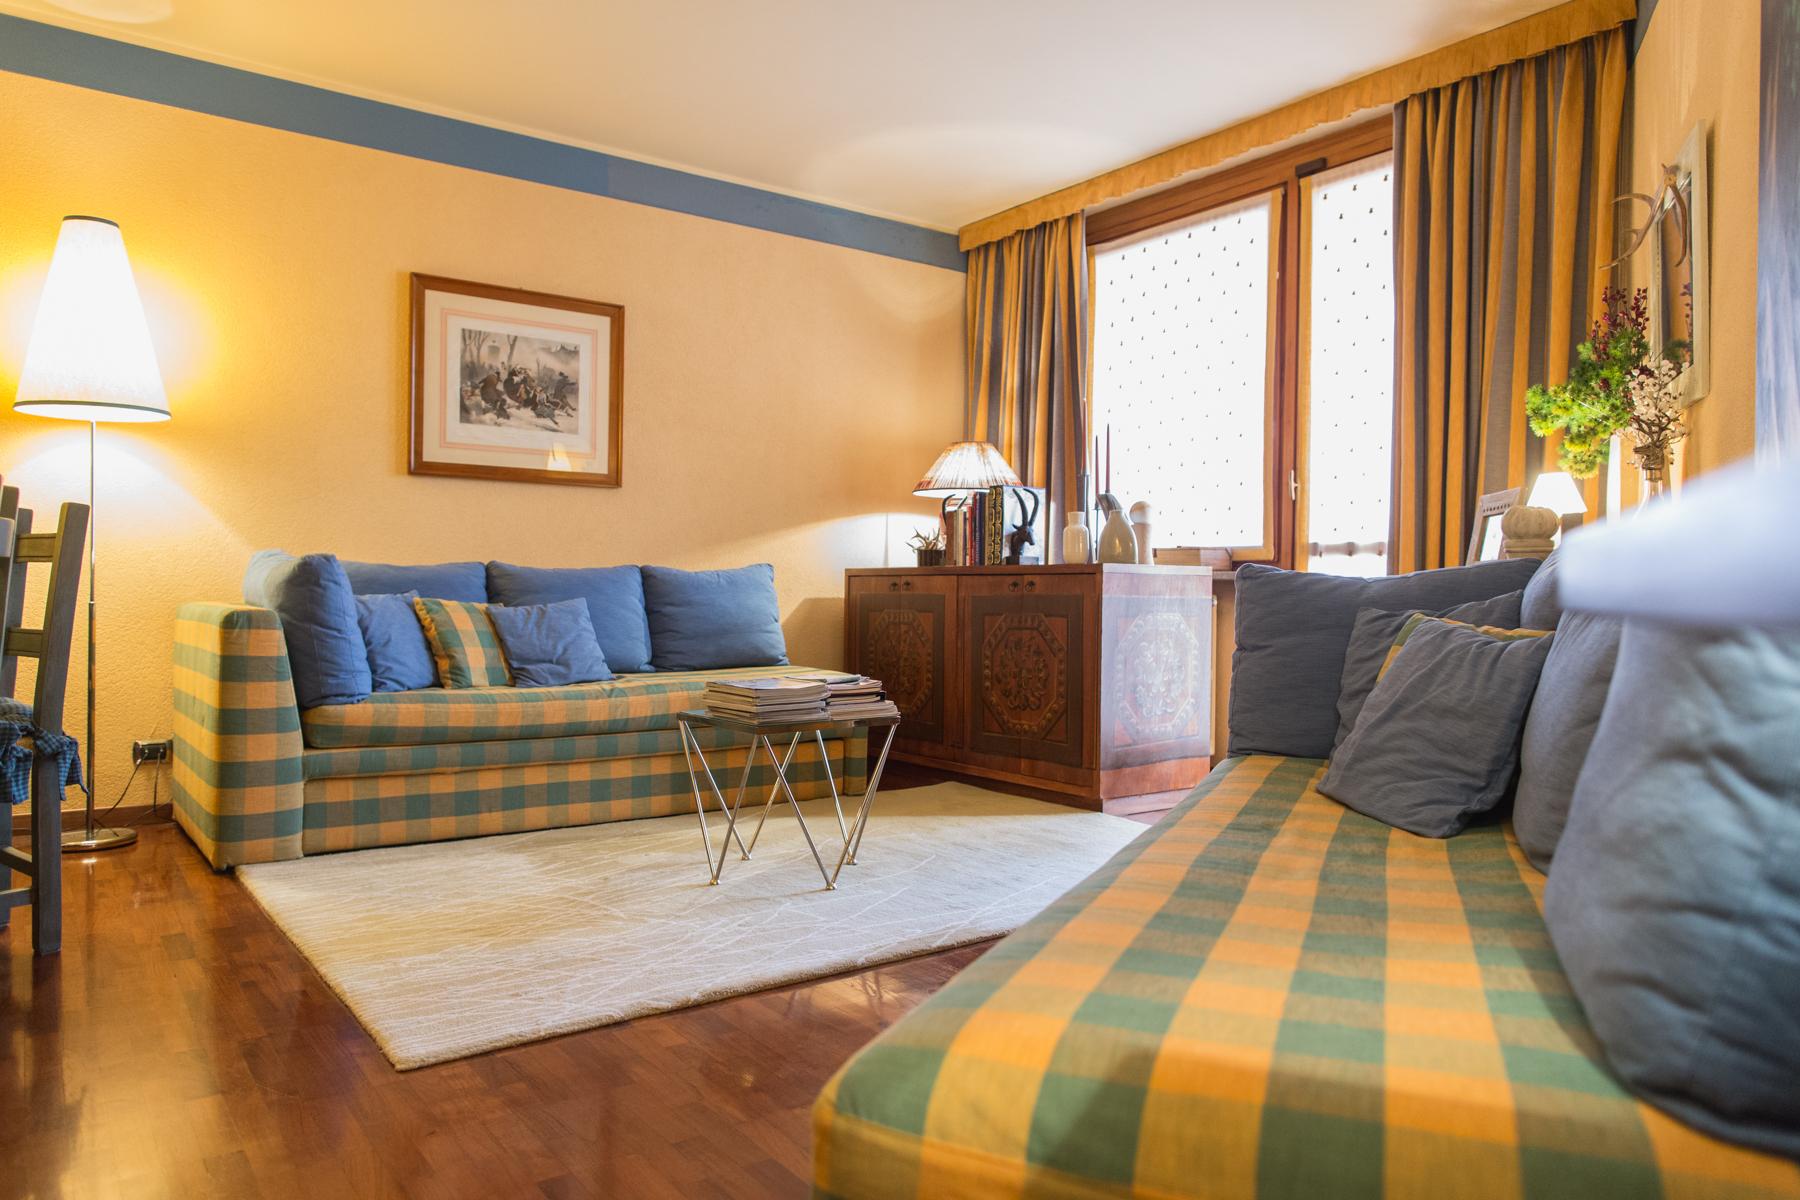 Appartamento in Vendita a Bardonecchia: 5 locali, 100 mq - Foto 8